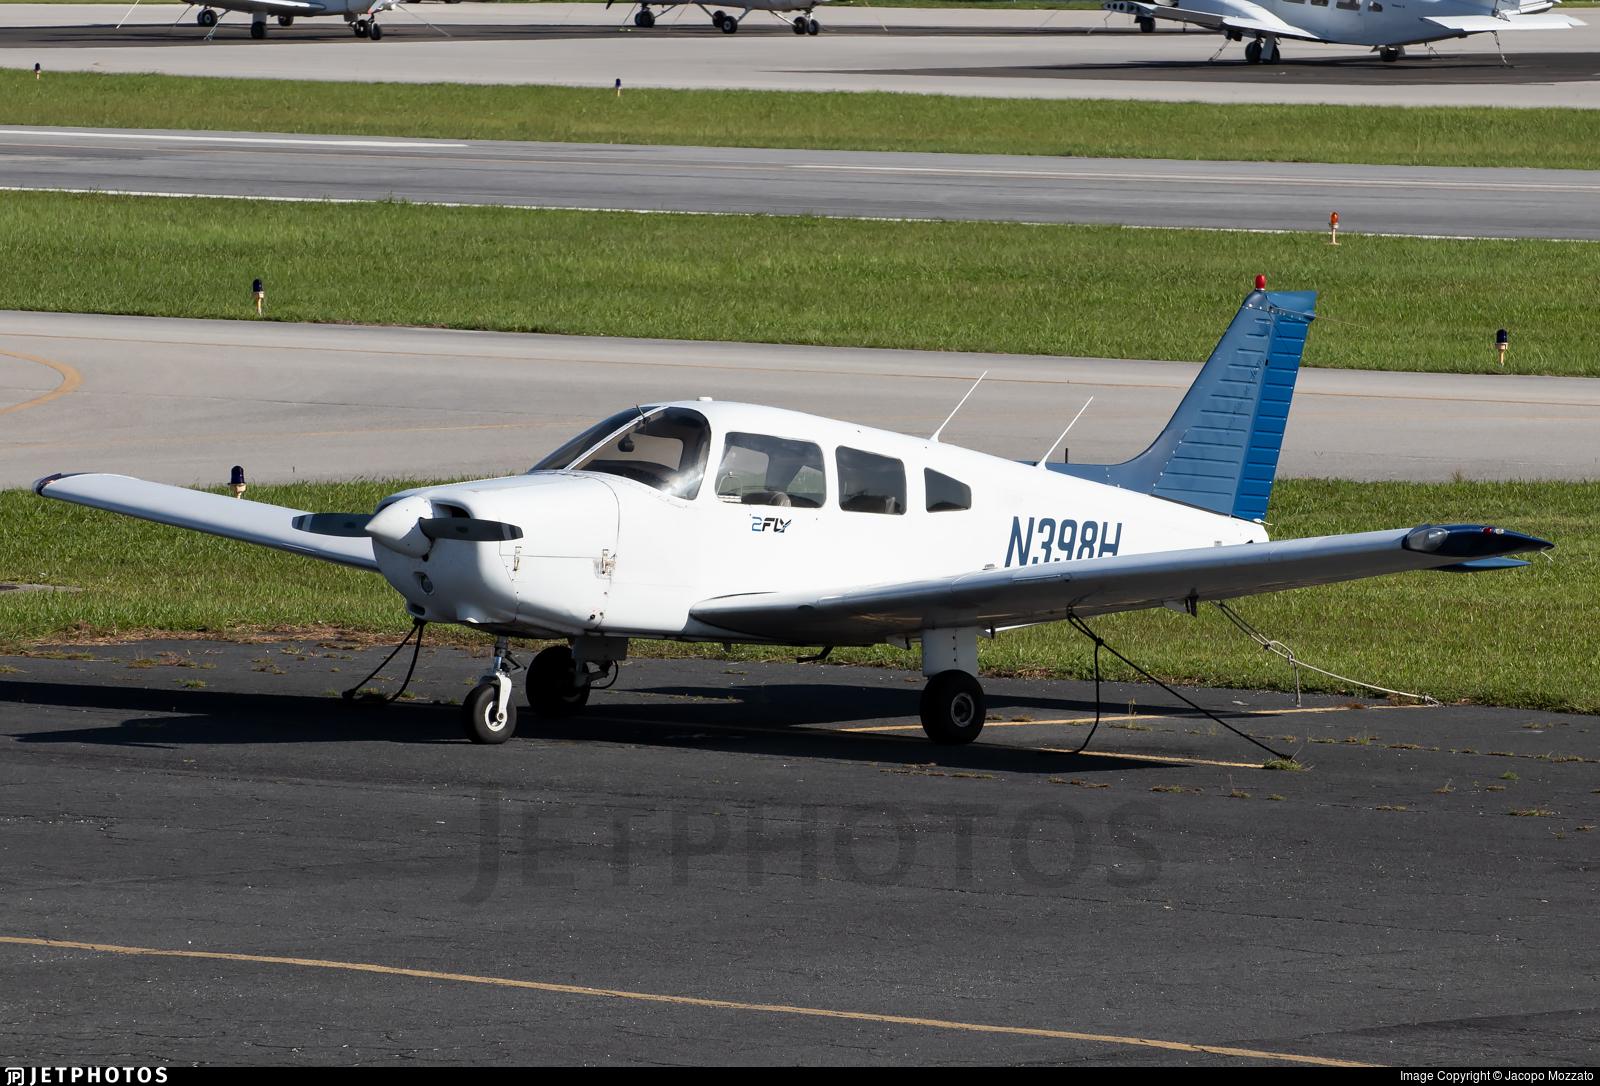 N398H - Piper PA-28-161 Cadet - Private